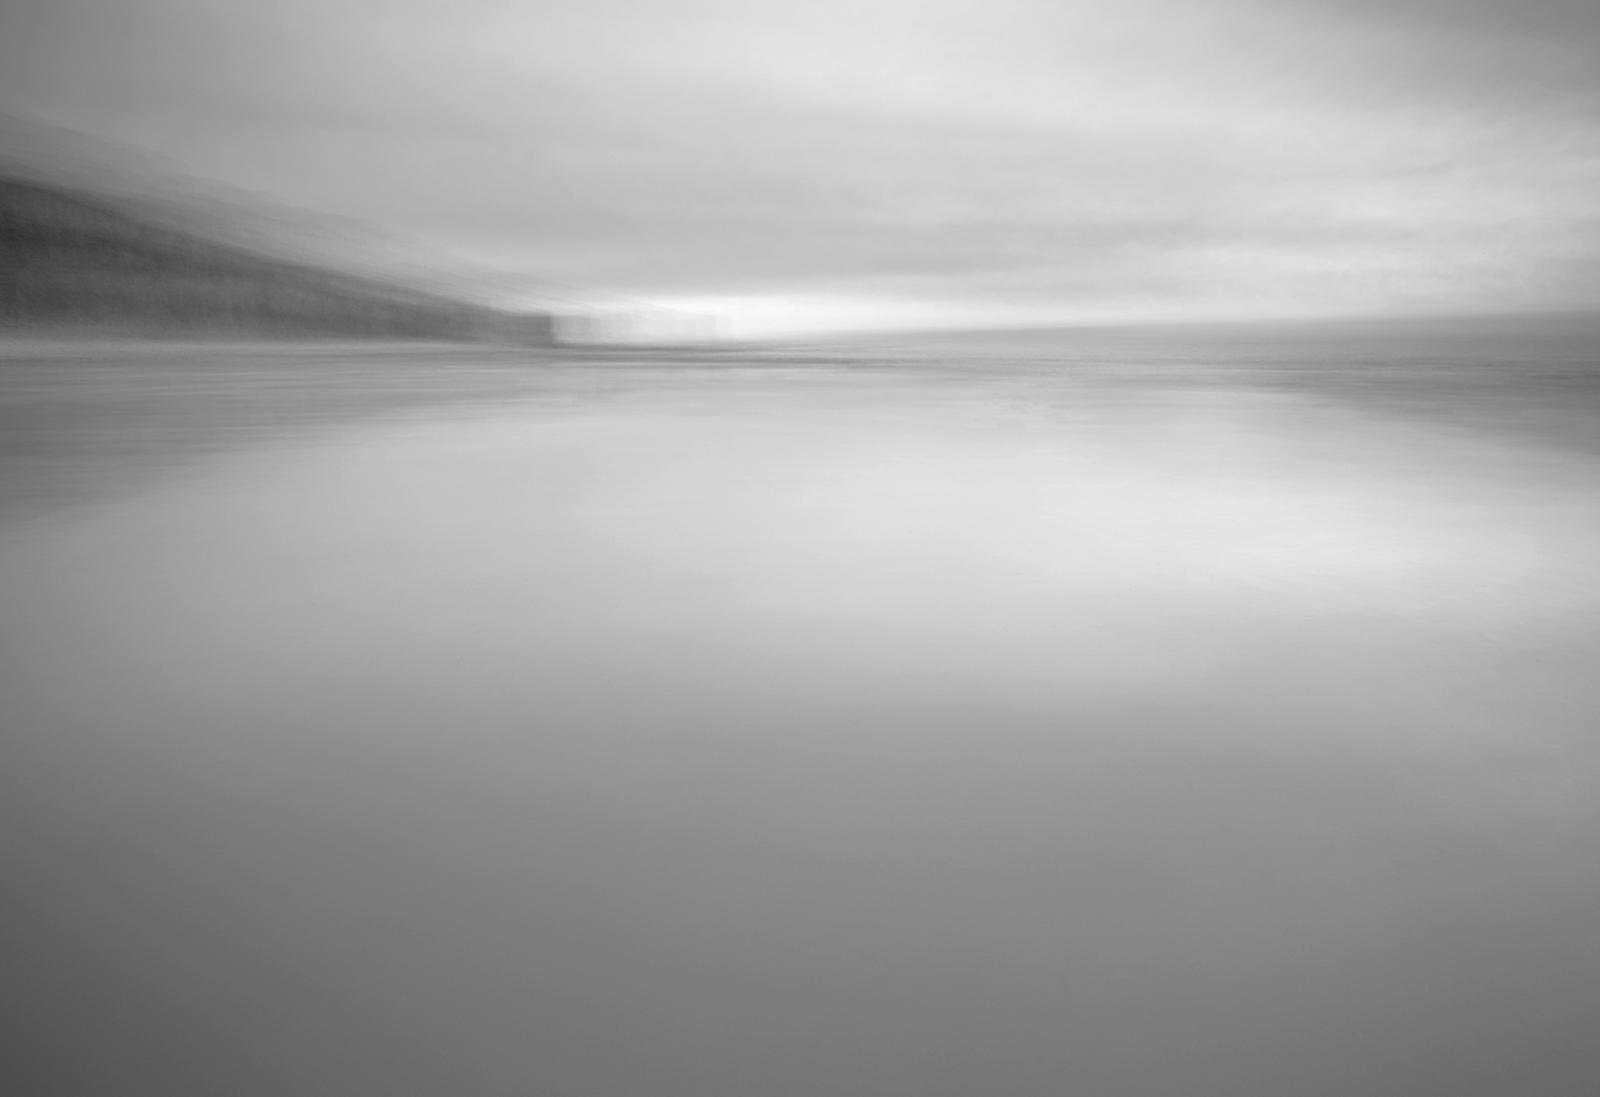 Bristol Channel 44 - reflective beach.jpg